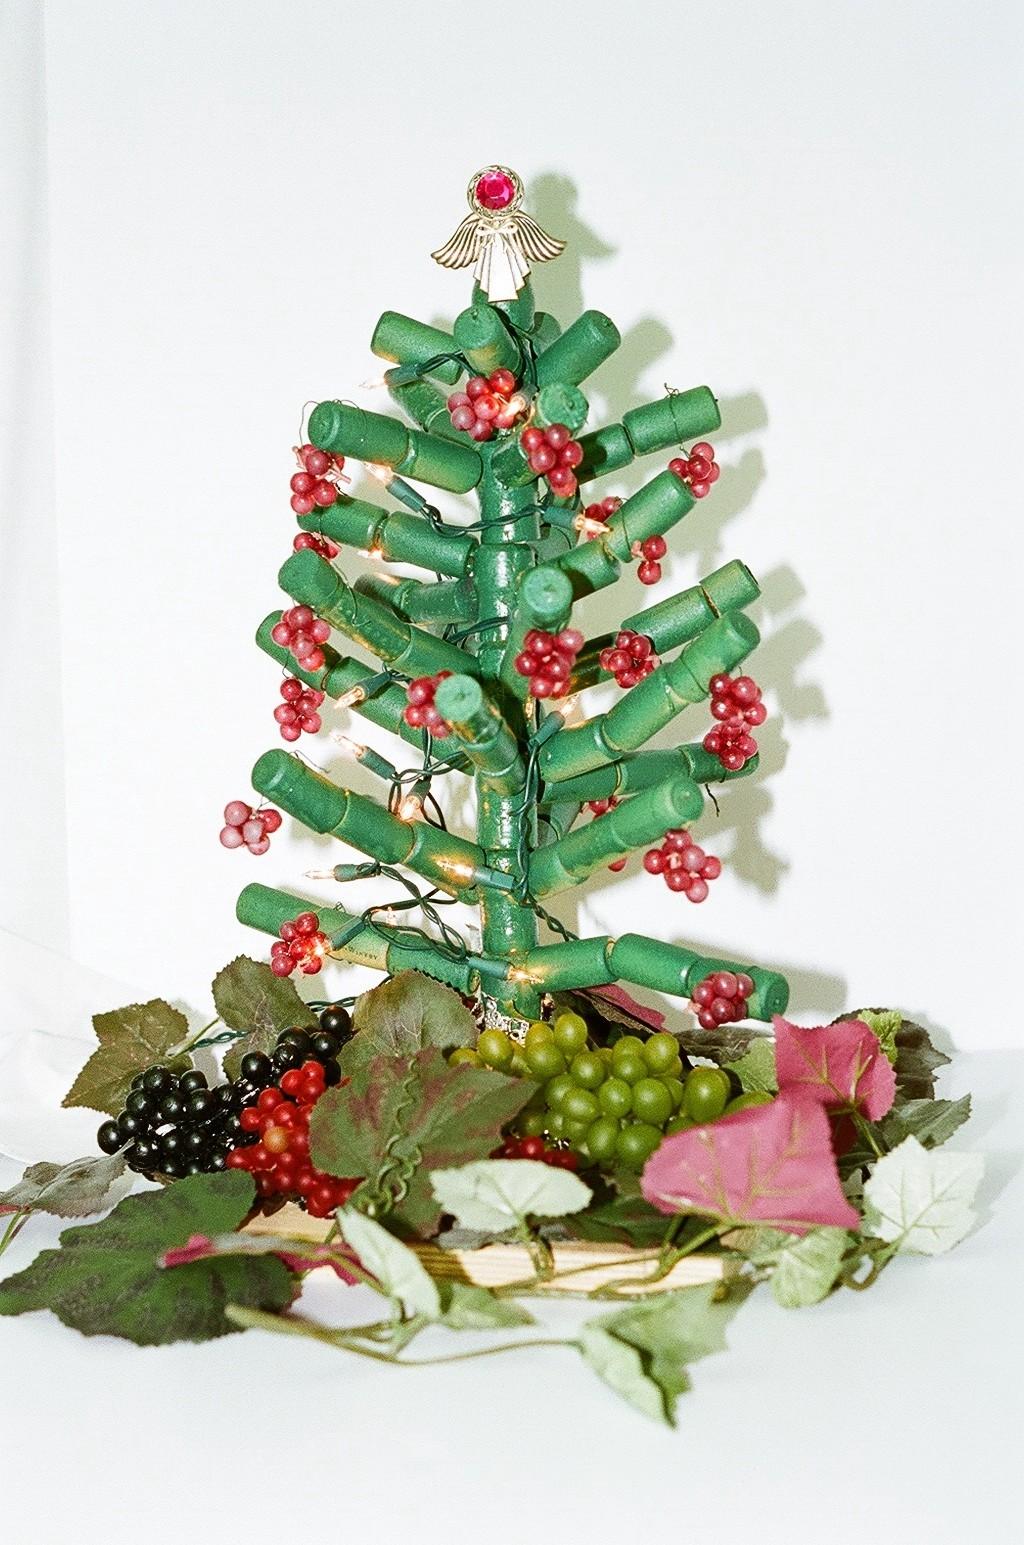 Arboles de navidad hechos con corcho curiosas ideas - Arbol de navidad tela ...